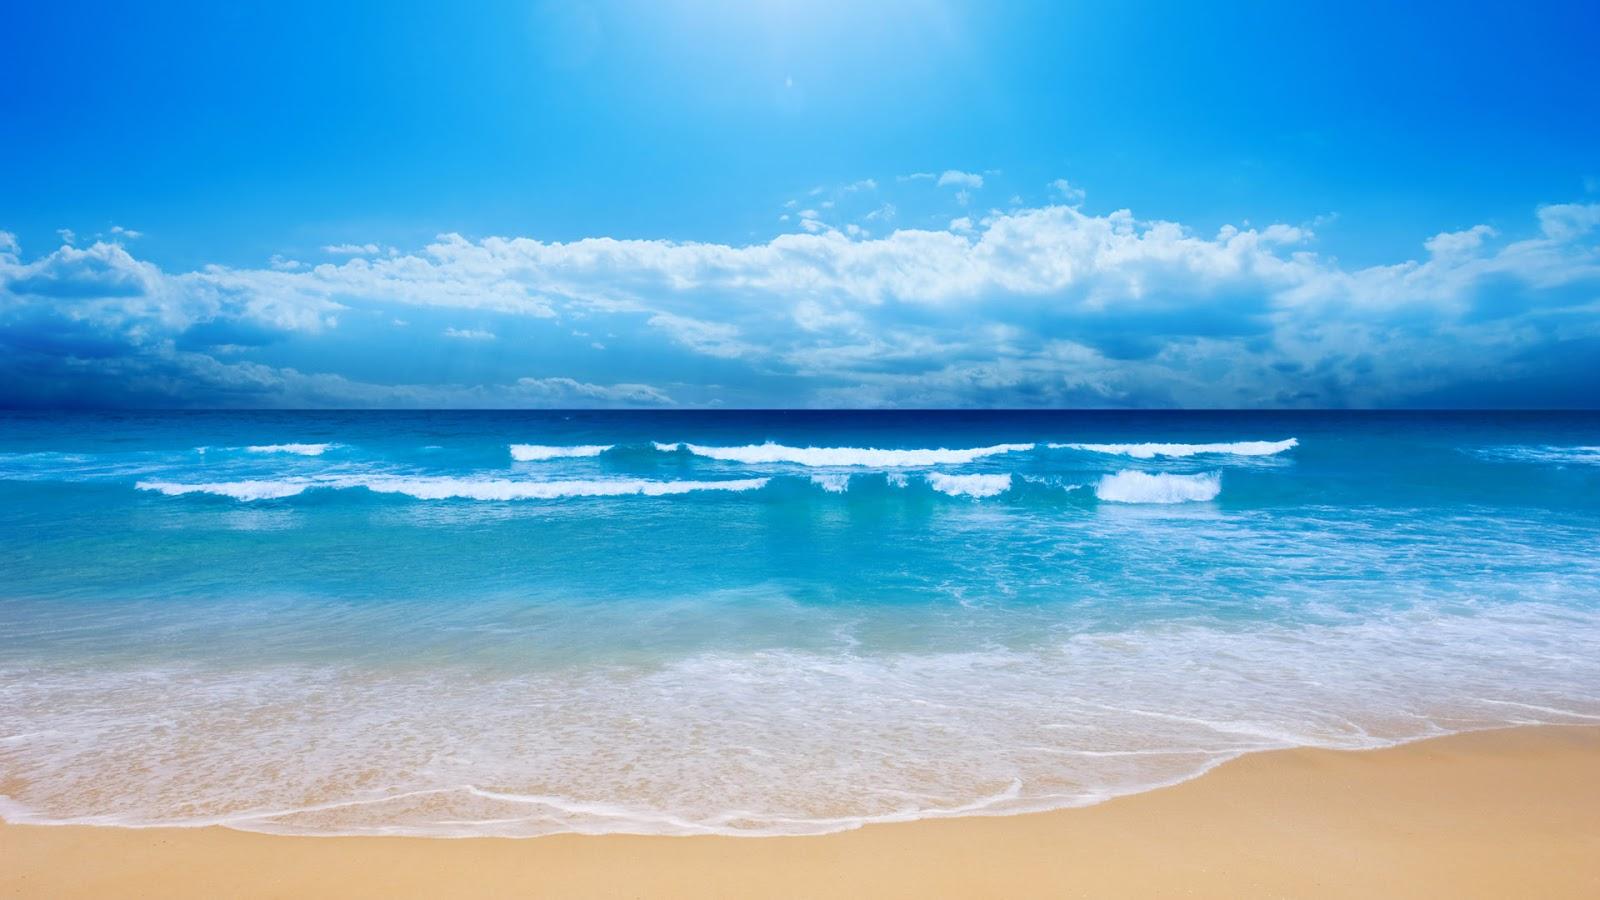 HD WALLPAPERS Amazing summer beach wallpaper 1920 x 1080 1600x900